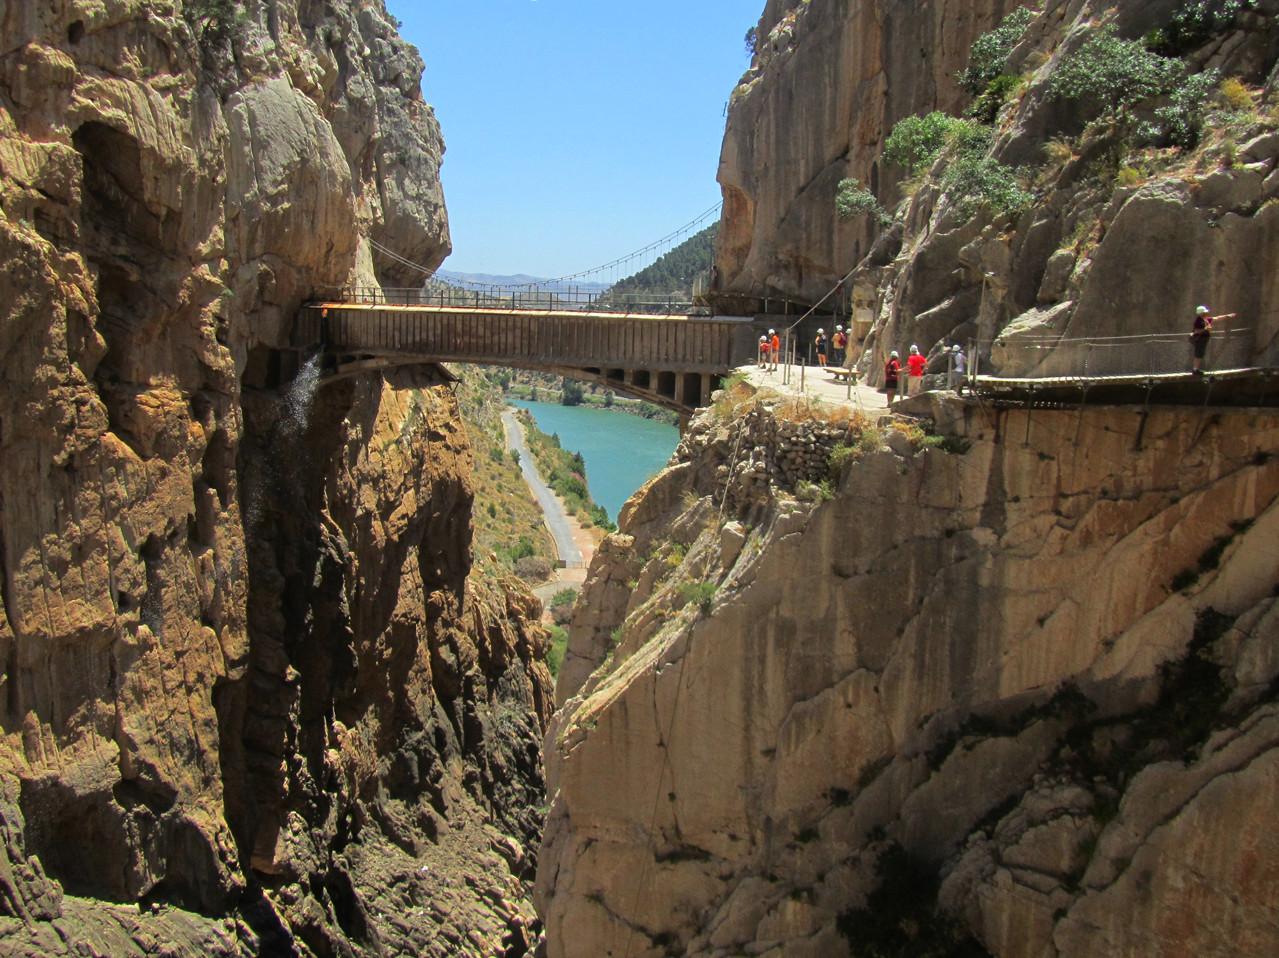 Sul da Espanha tem caminhada, a mais de 100 metros de altura